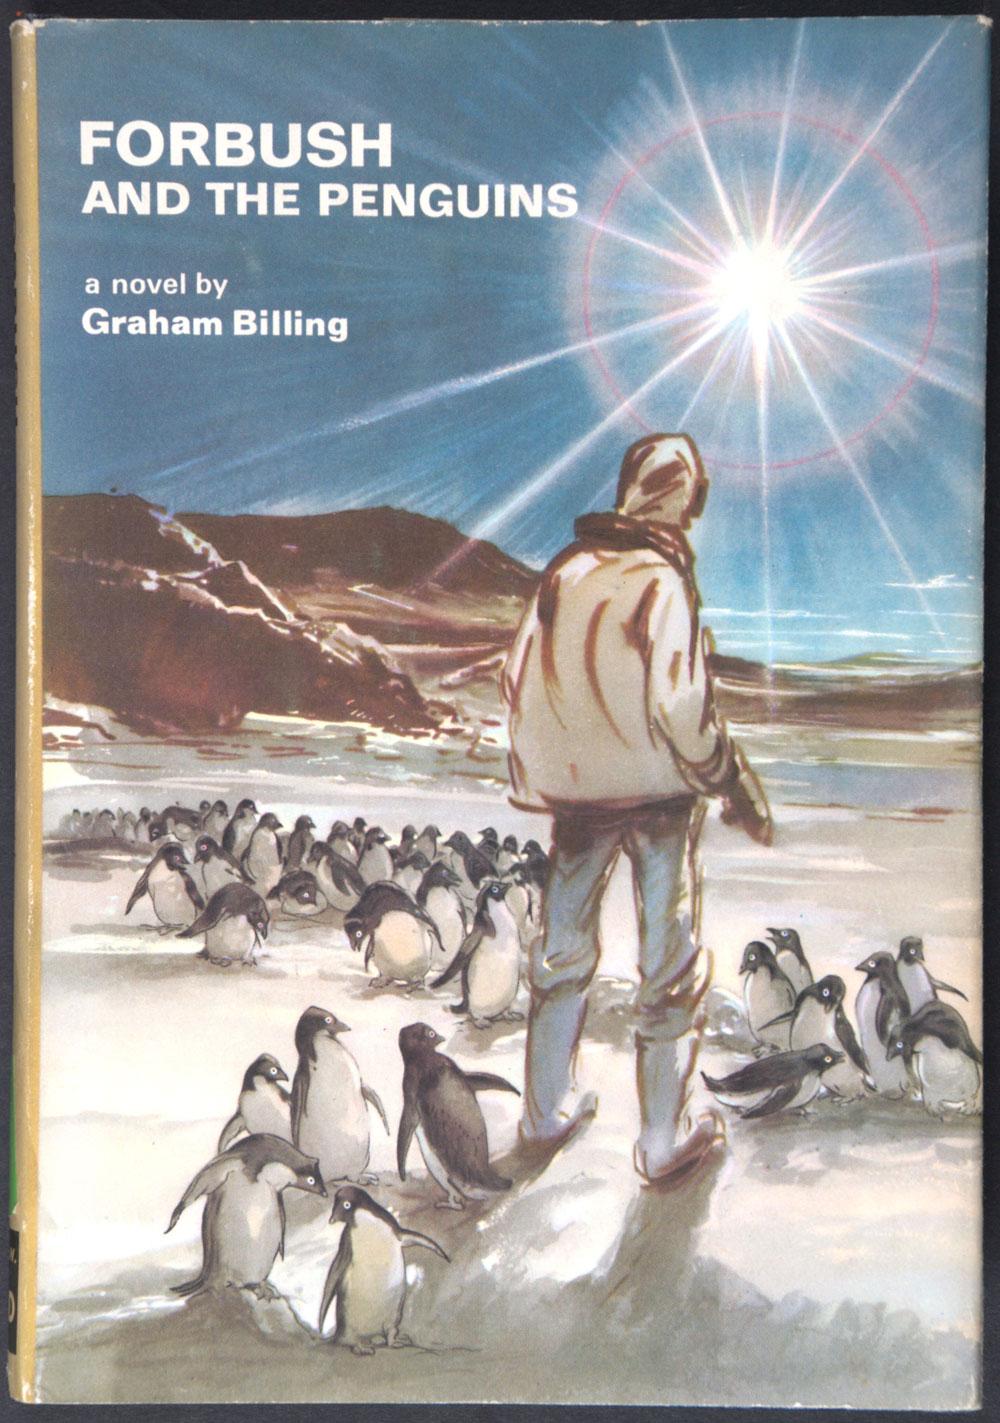 Graham Billing. <em>Forbush and the penguins.</em> Wellington: A.H. & A.W. Reed, 1965.